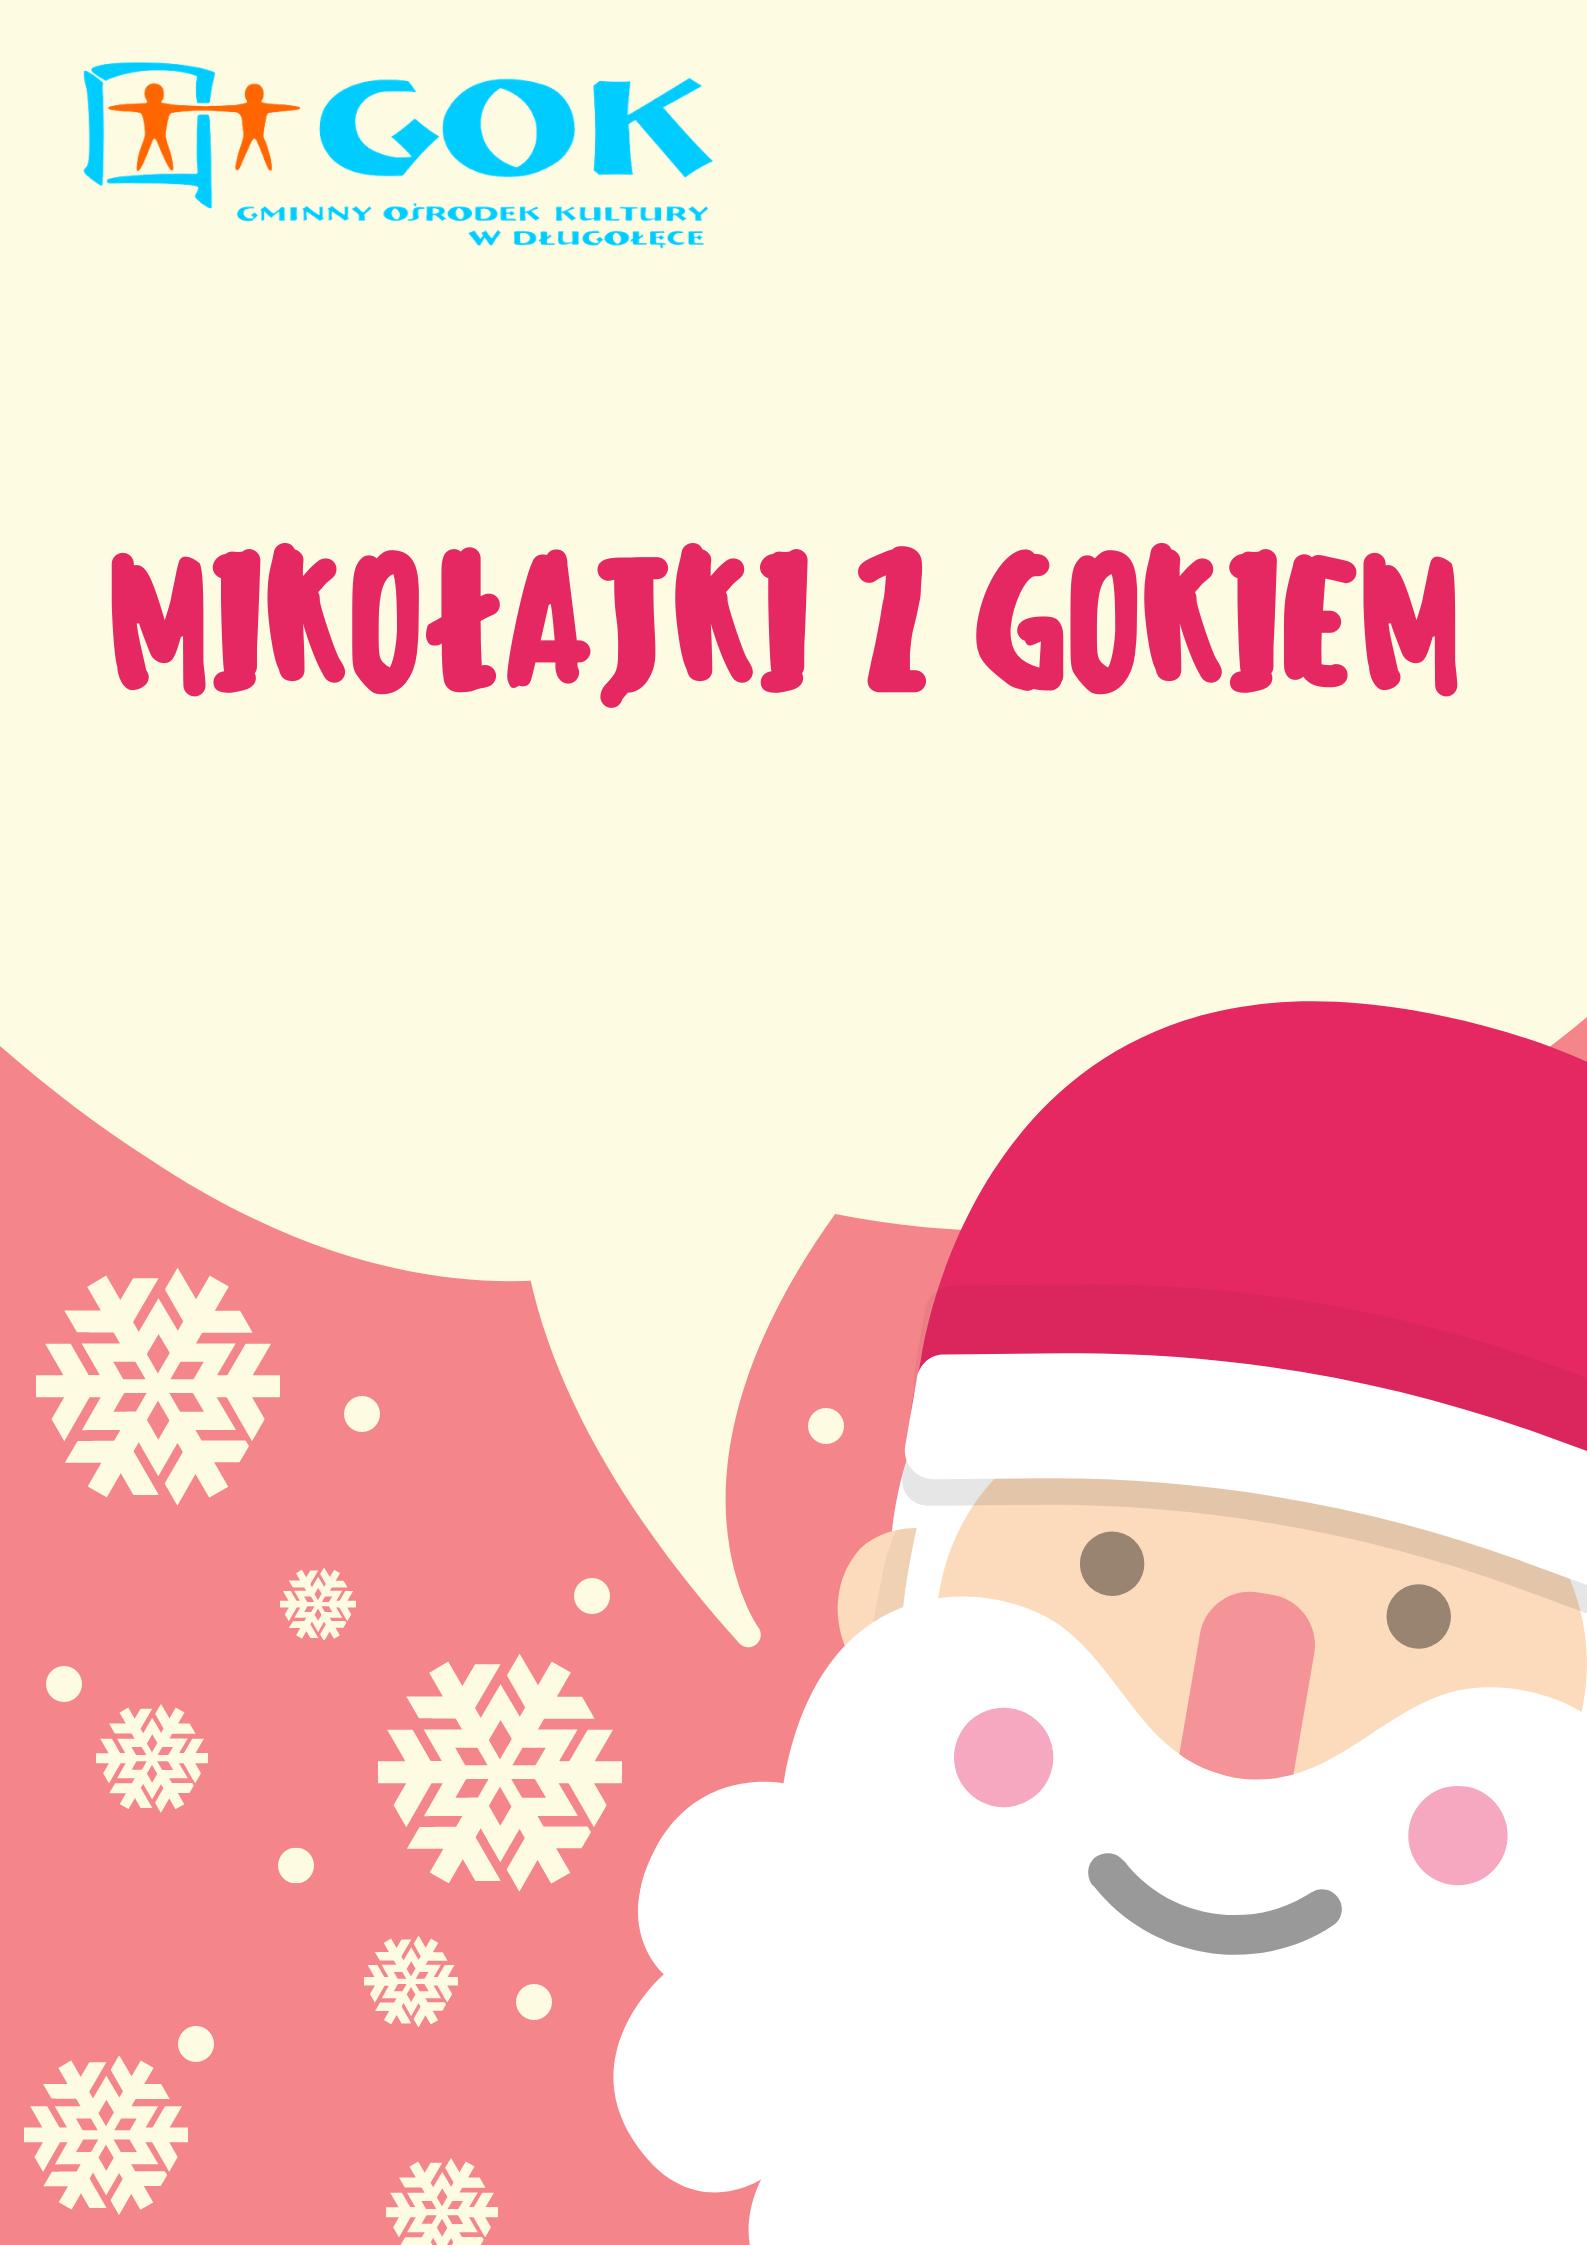 Mikołajki z GOK-iem – org. Gminny Ośrodek Kultury w Długołęce